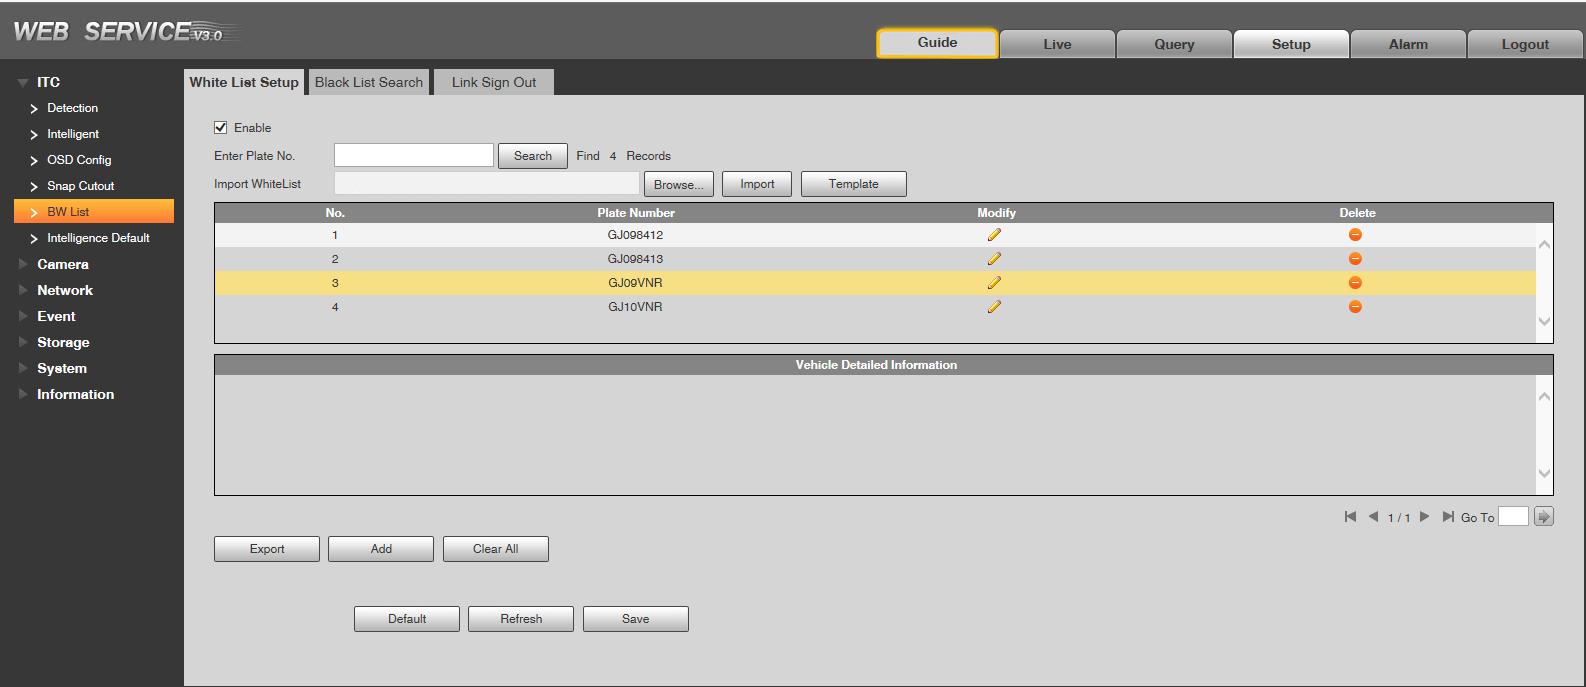 Integrarea camerelor LPR Dahua, Hikvision, Sunell in sistemele